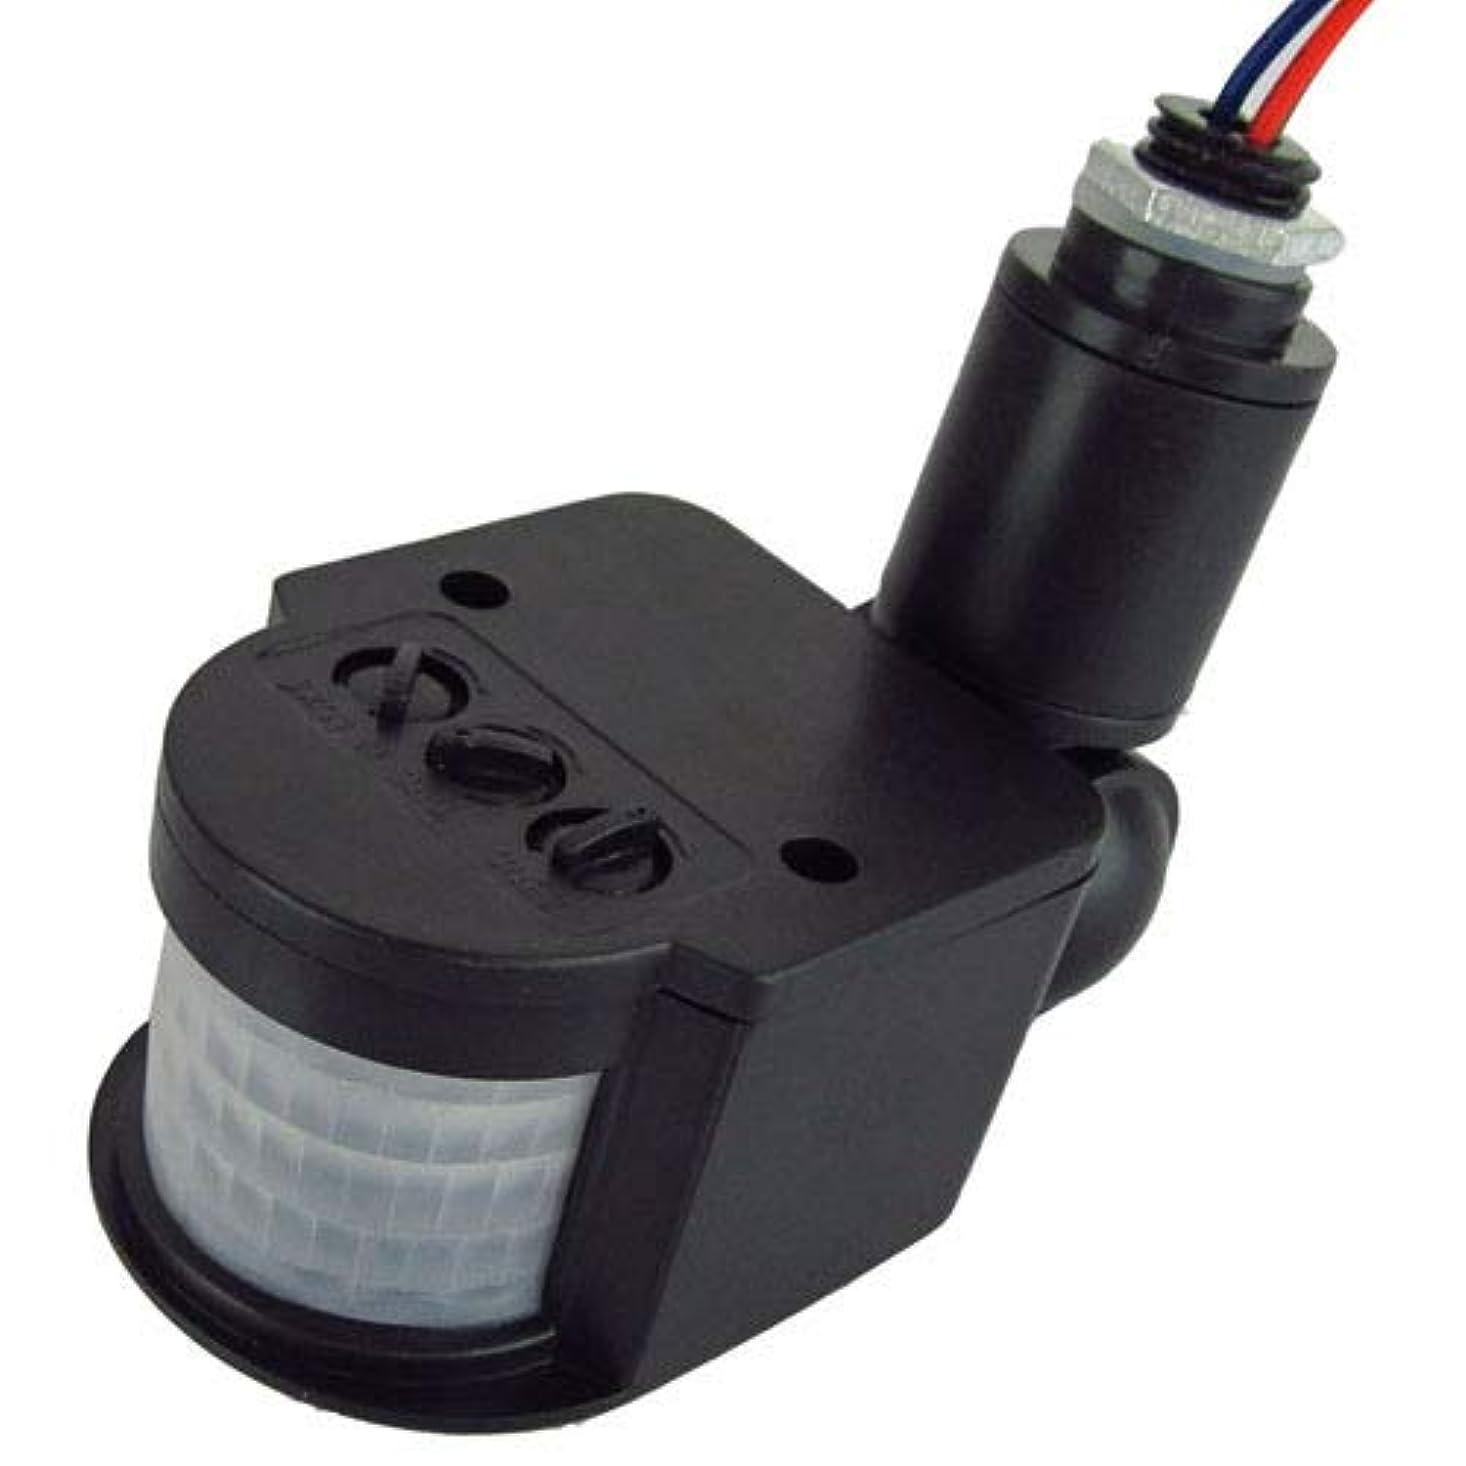 トリプルハブブ流暢Doyime 12M PIR 赤外線 モーション センサー 検出器 LED ライト アウトドア RF AC85V~265V